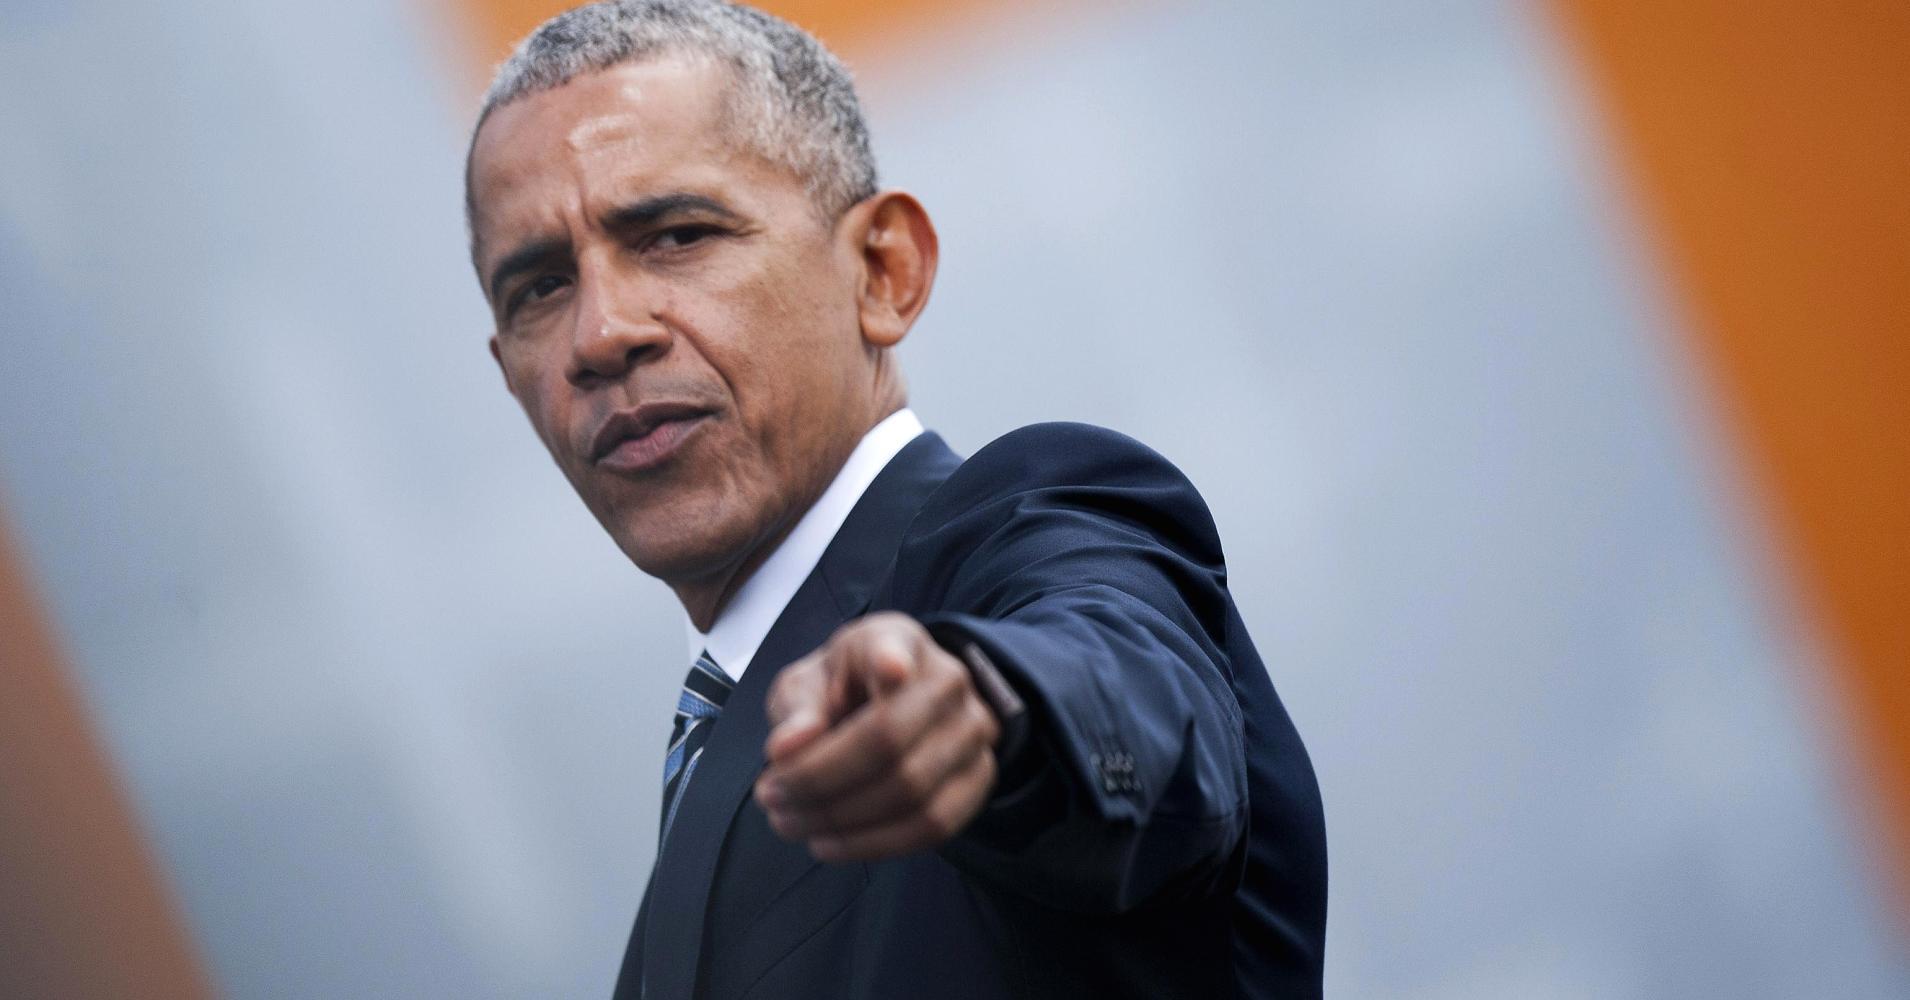 L'ex Président des USA , Barack Obama ...parle !